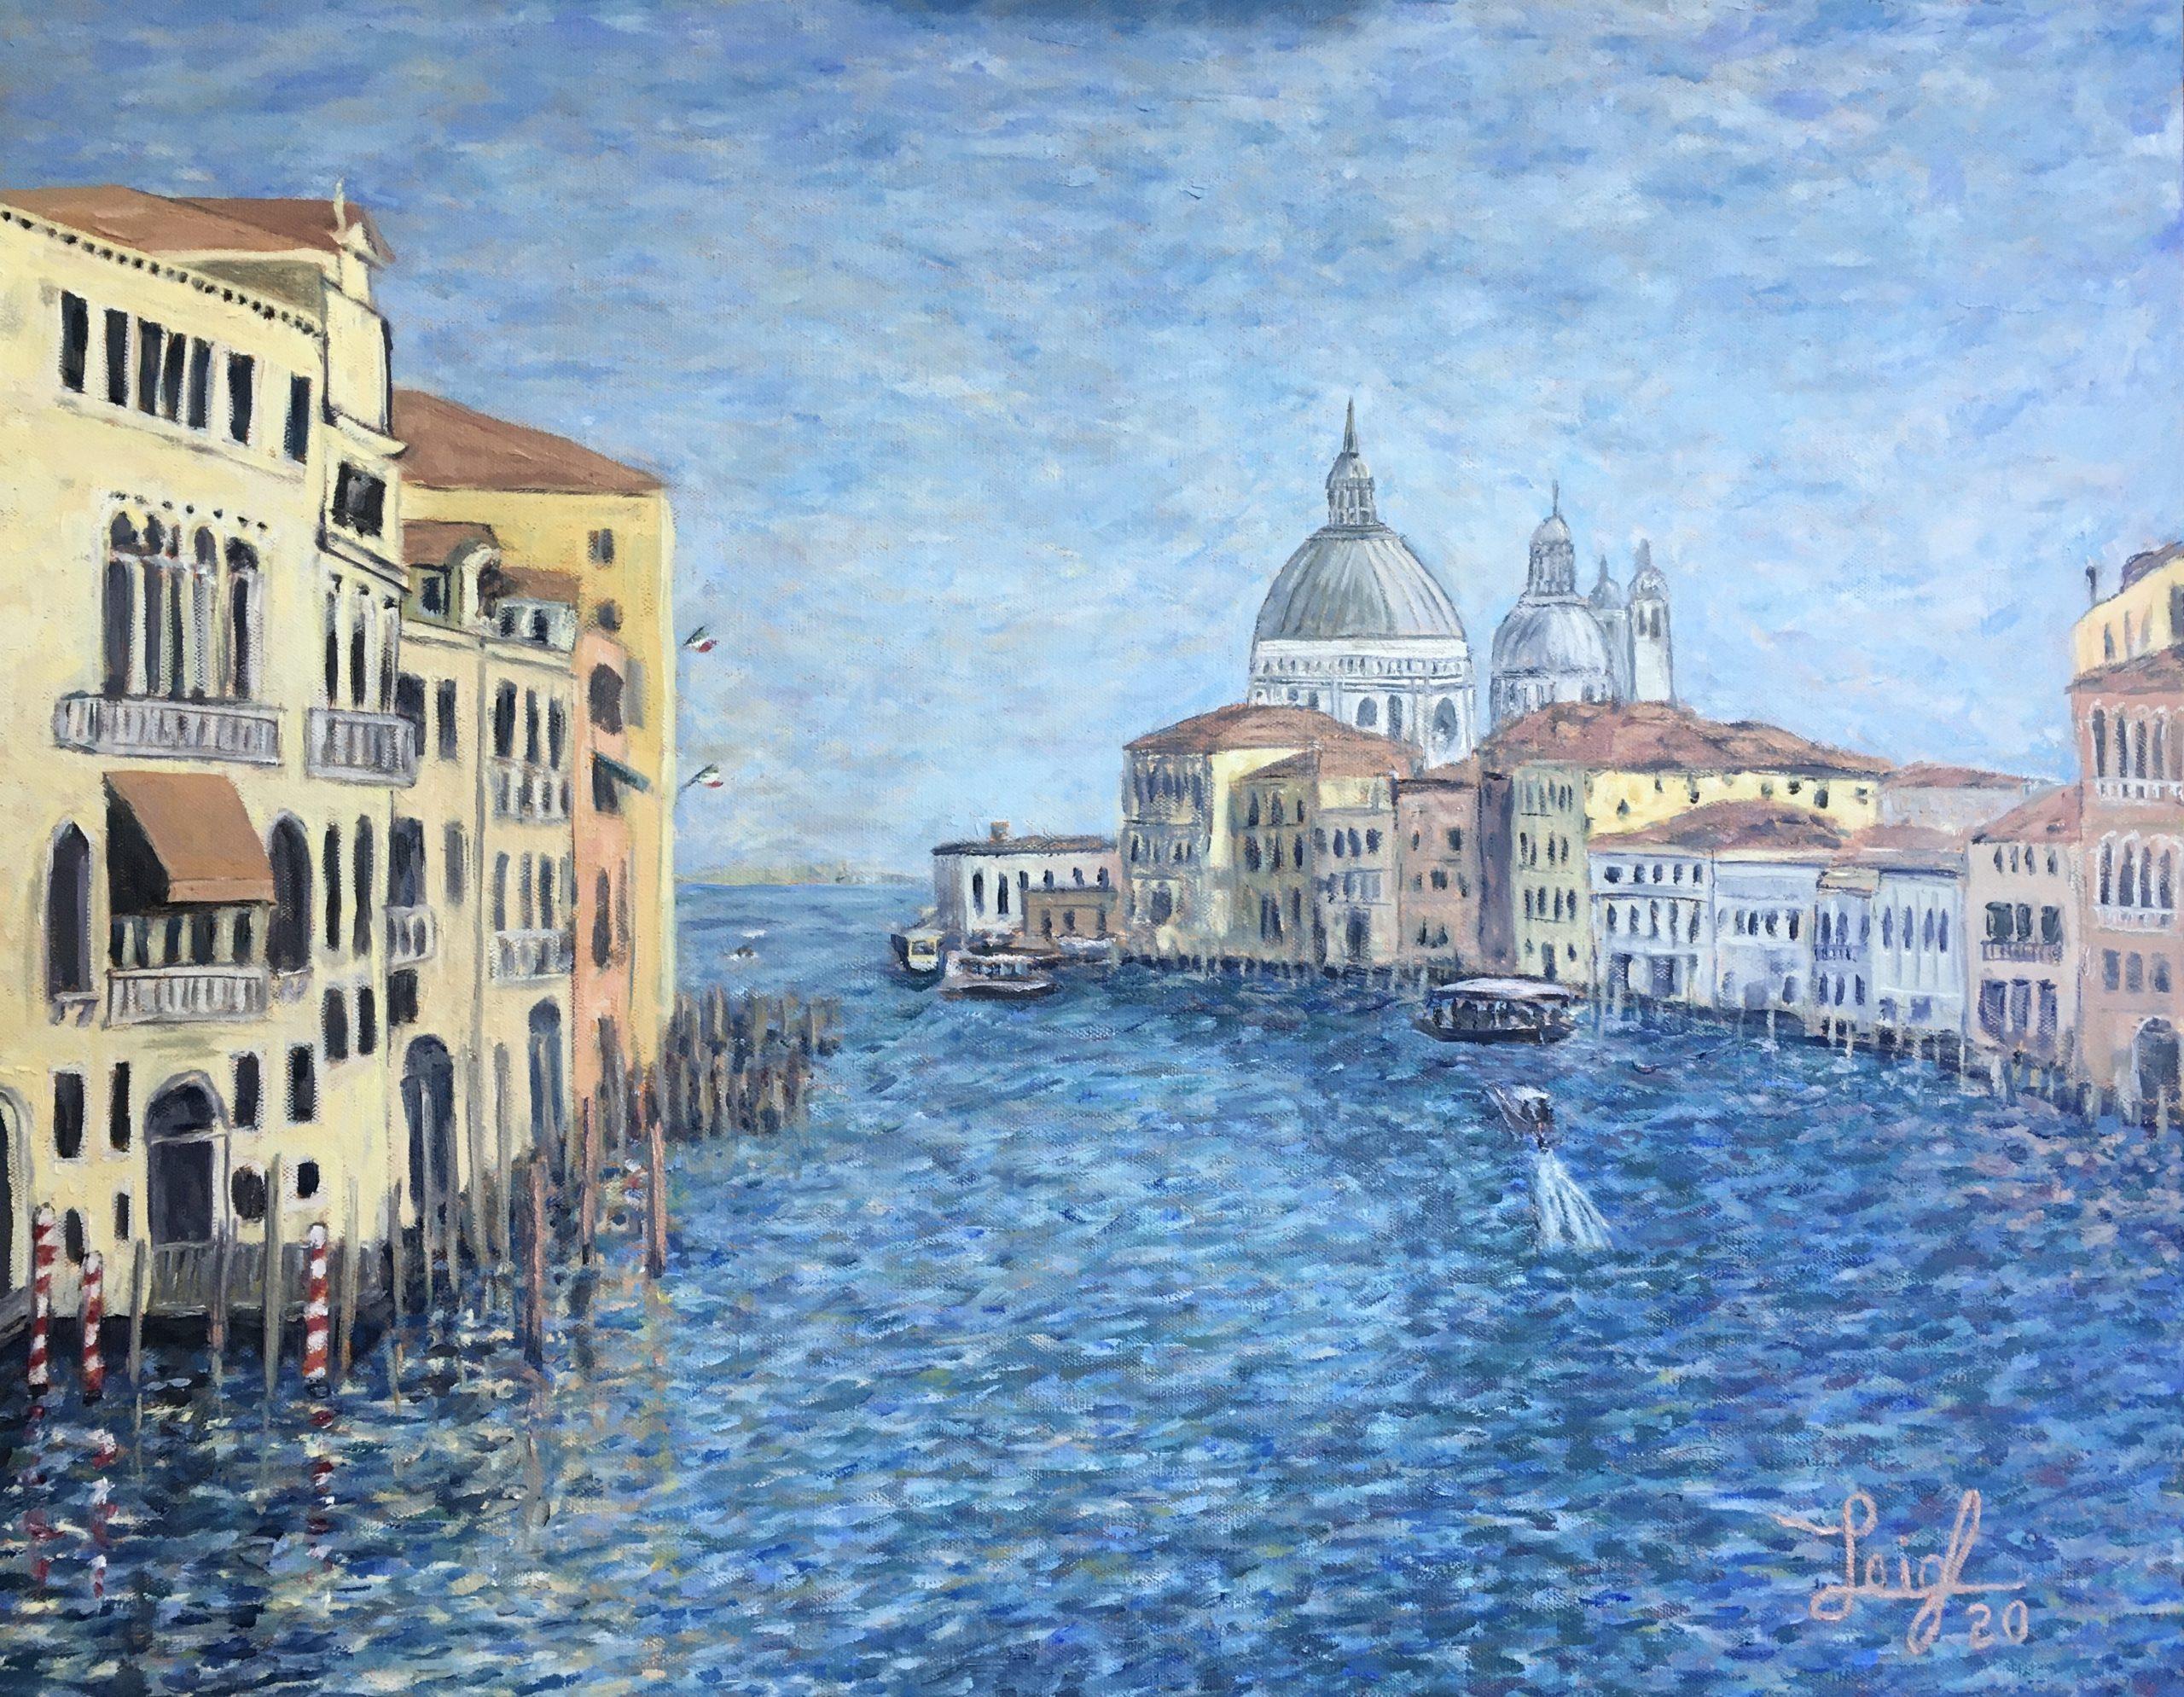 Grand Canal with Santa Maria della Salute (#6)  2020  •  28 x 22